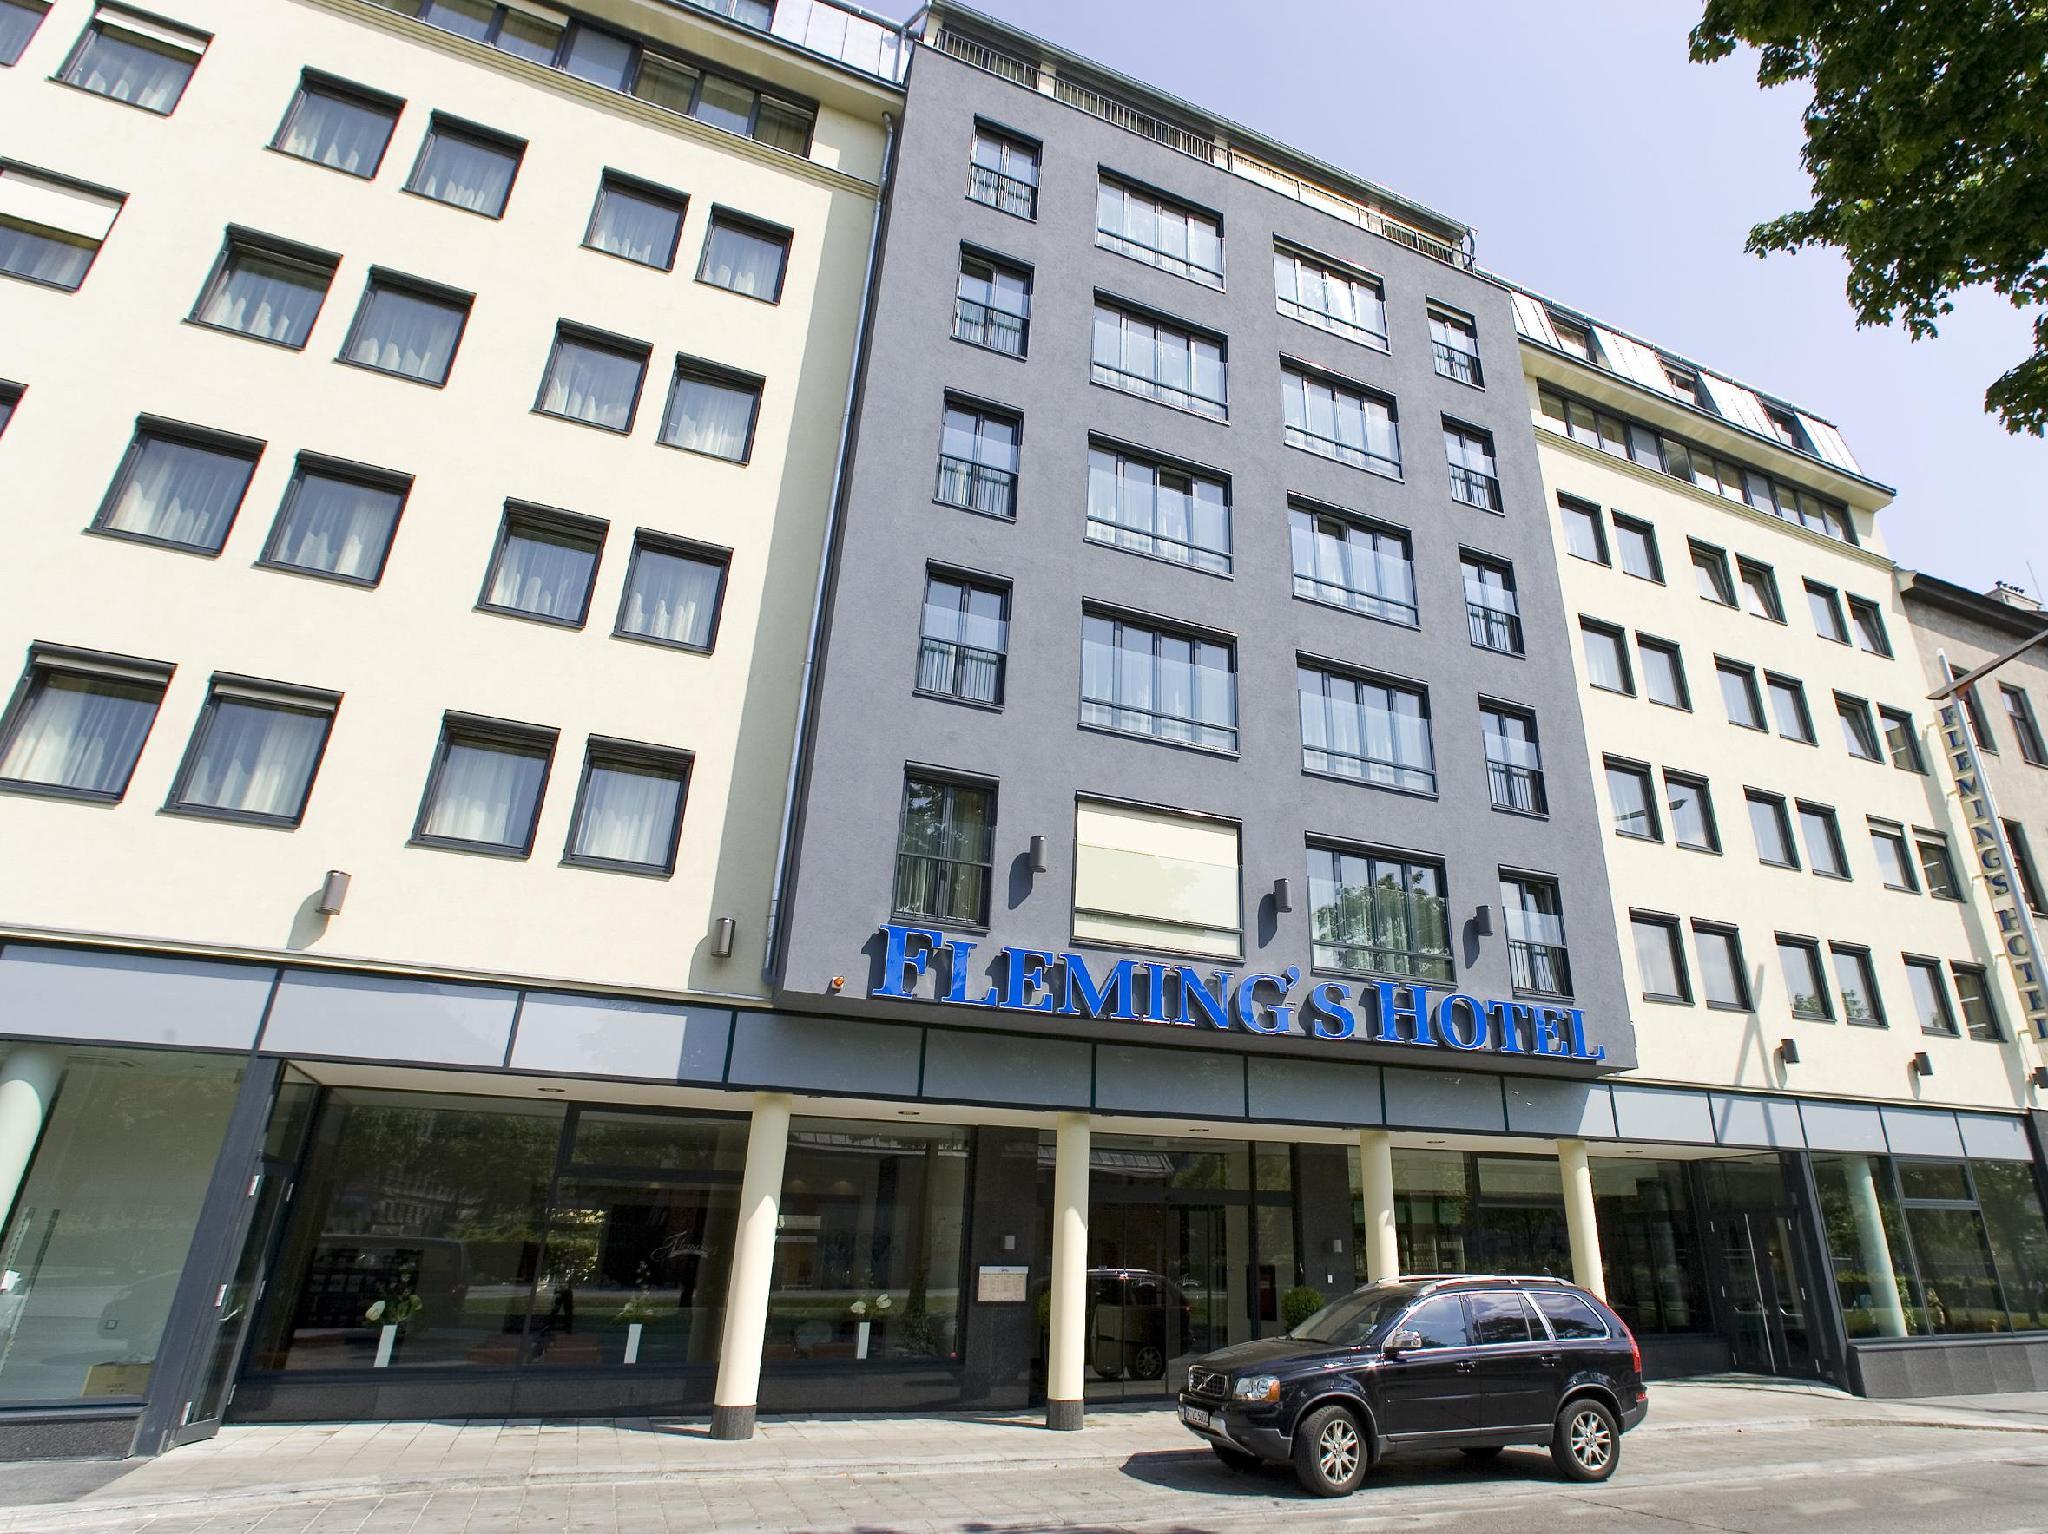 Fleming's Hotel Wien - Westbahnhof Vienna - Hotel Building